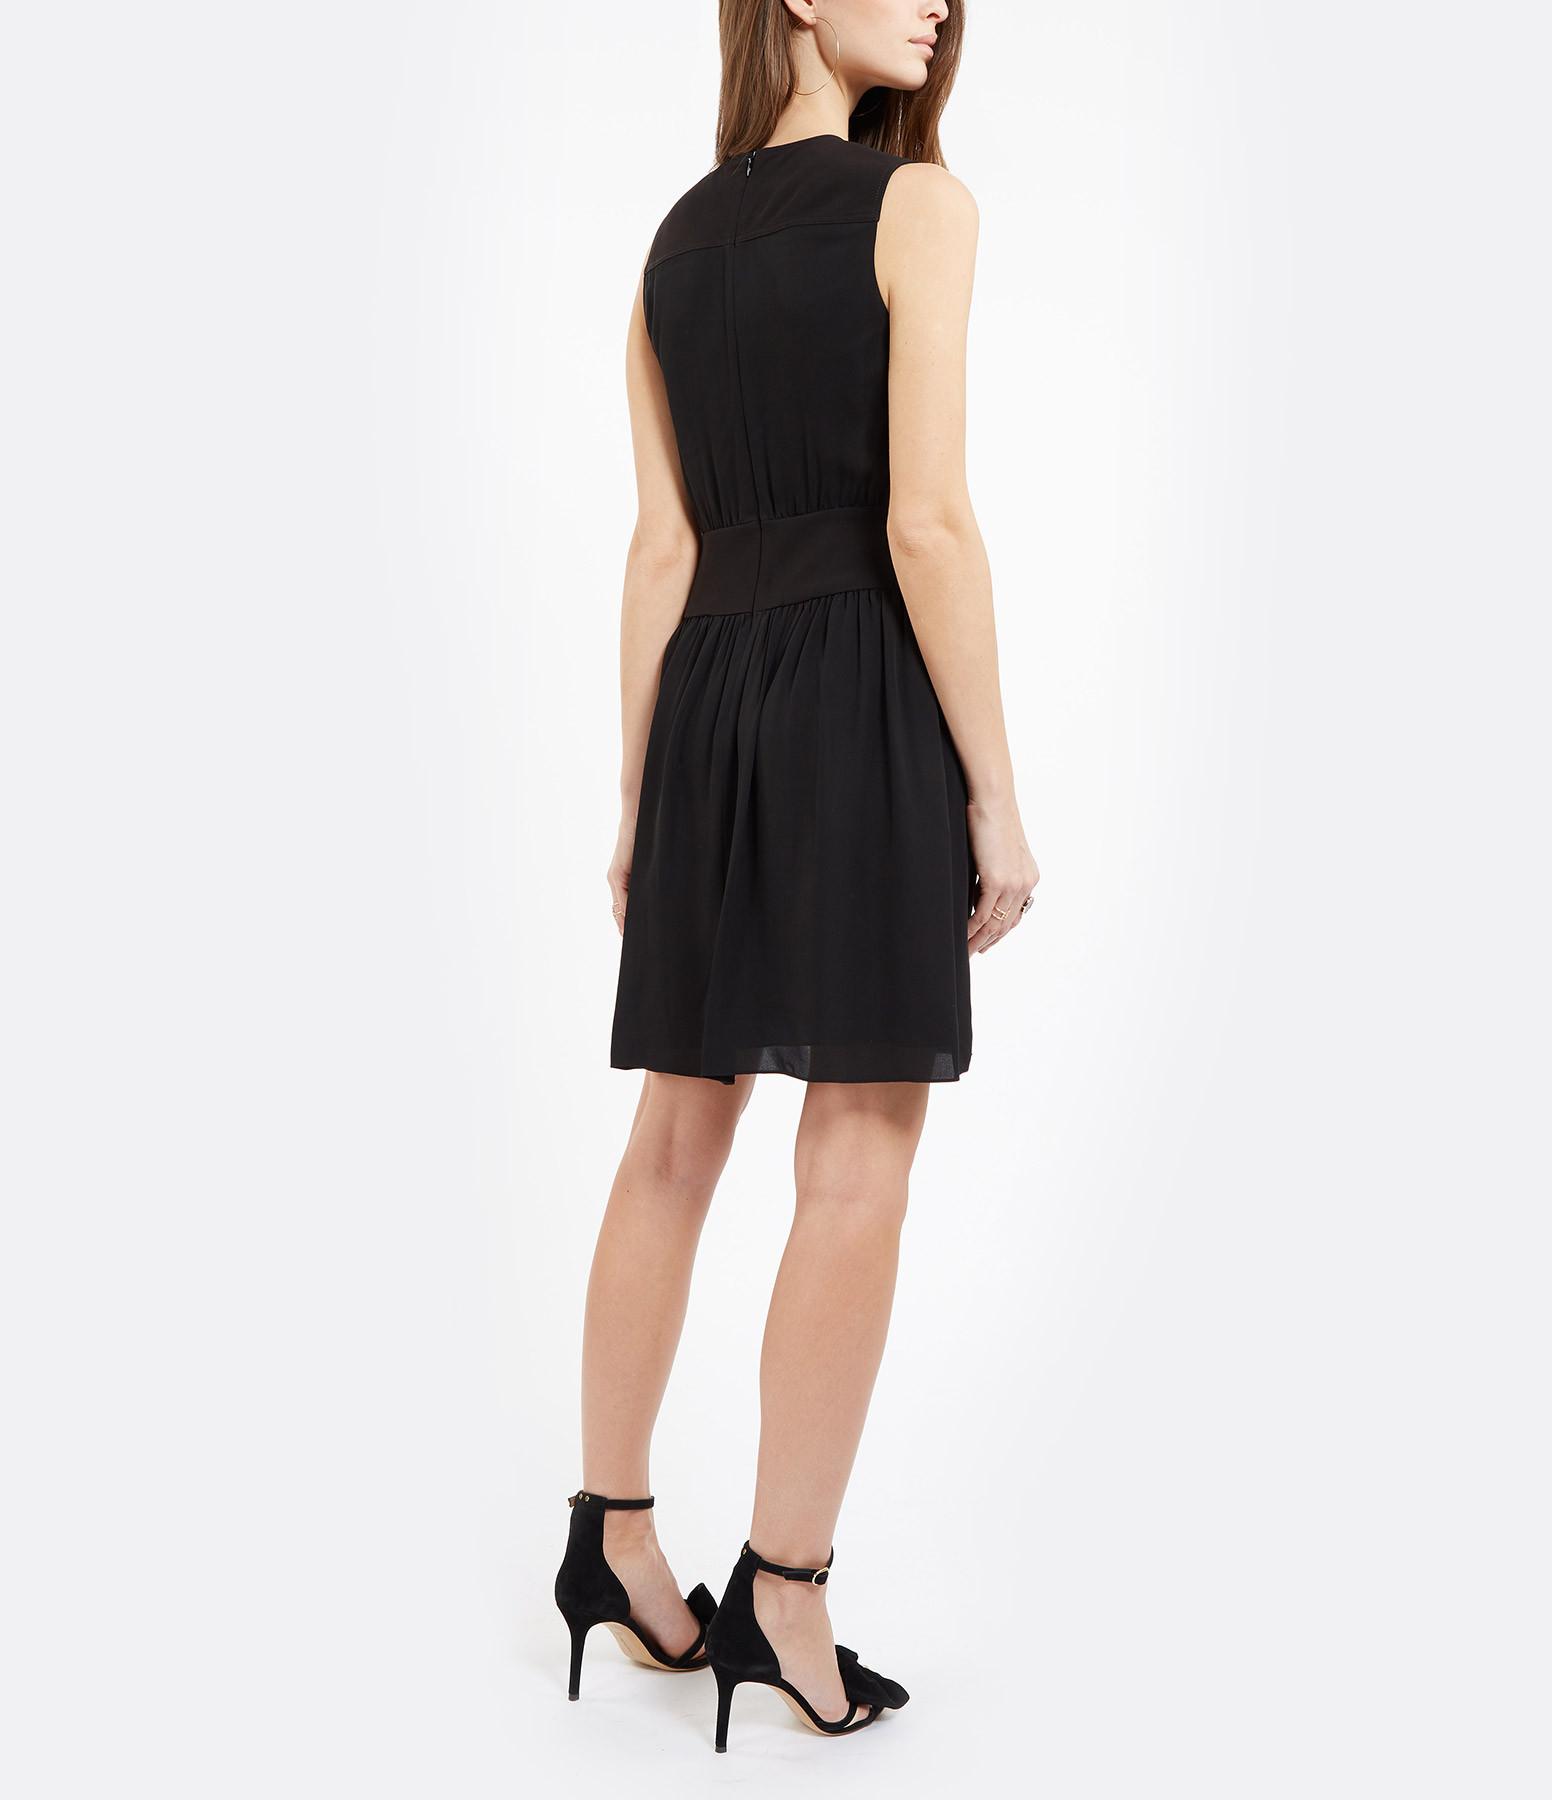 THEORY - Robe Classique Soie Noir